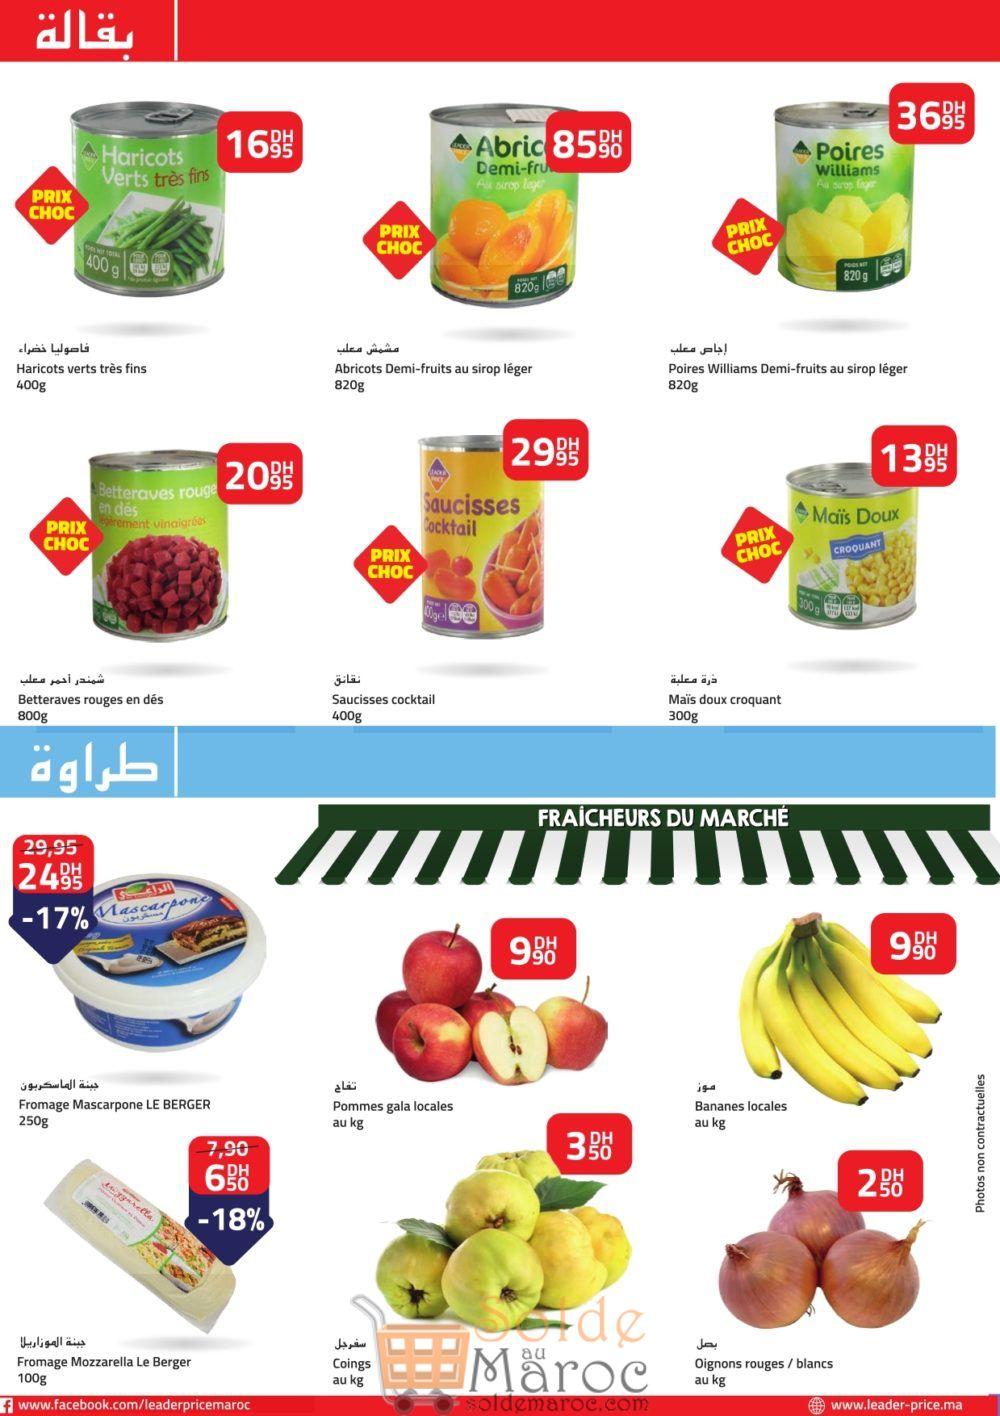 Catalogue Leader Price Maroc du 4 au 21 Octobre 2018